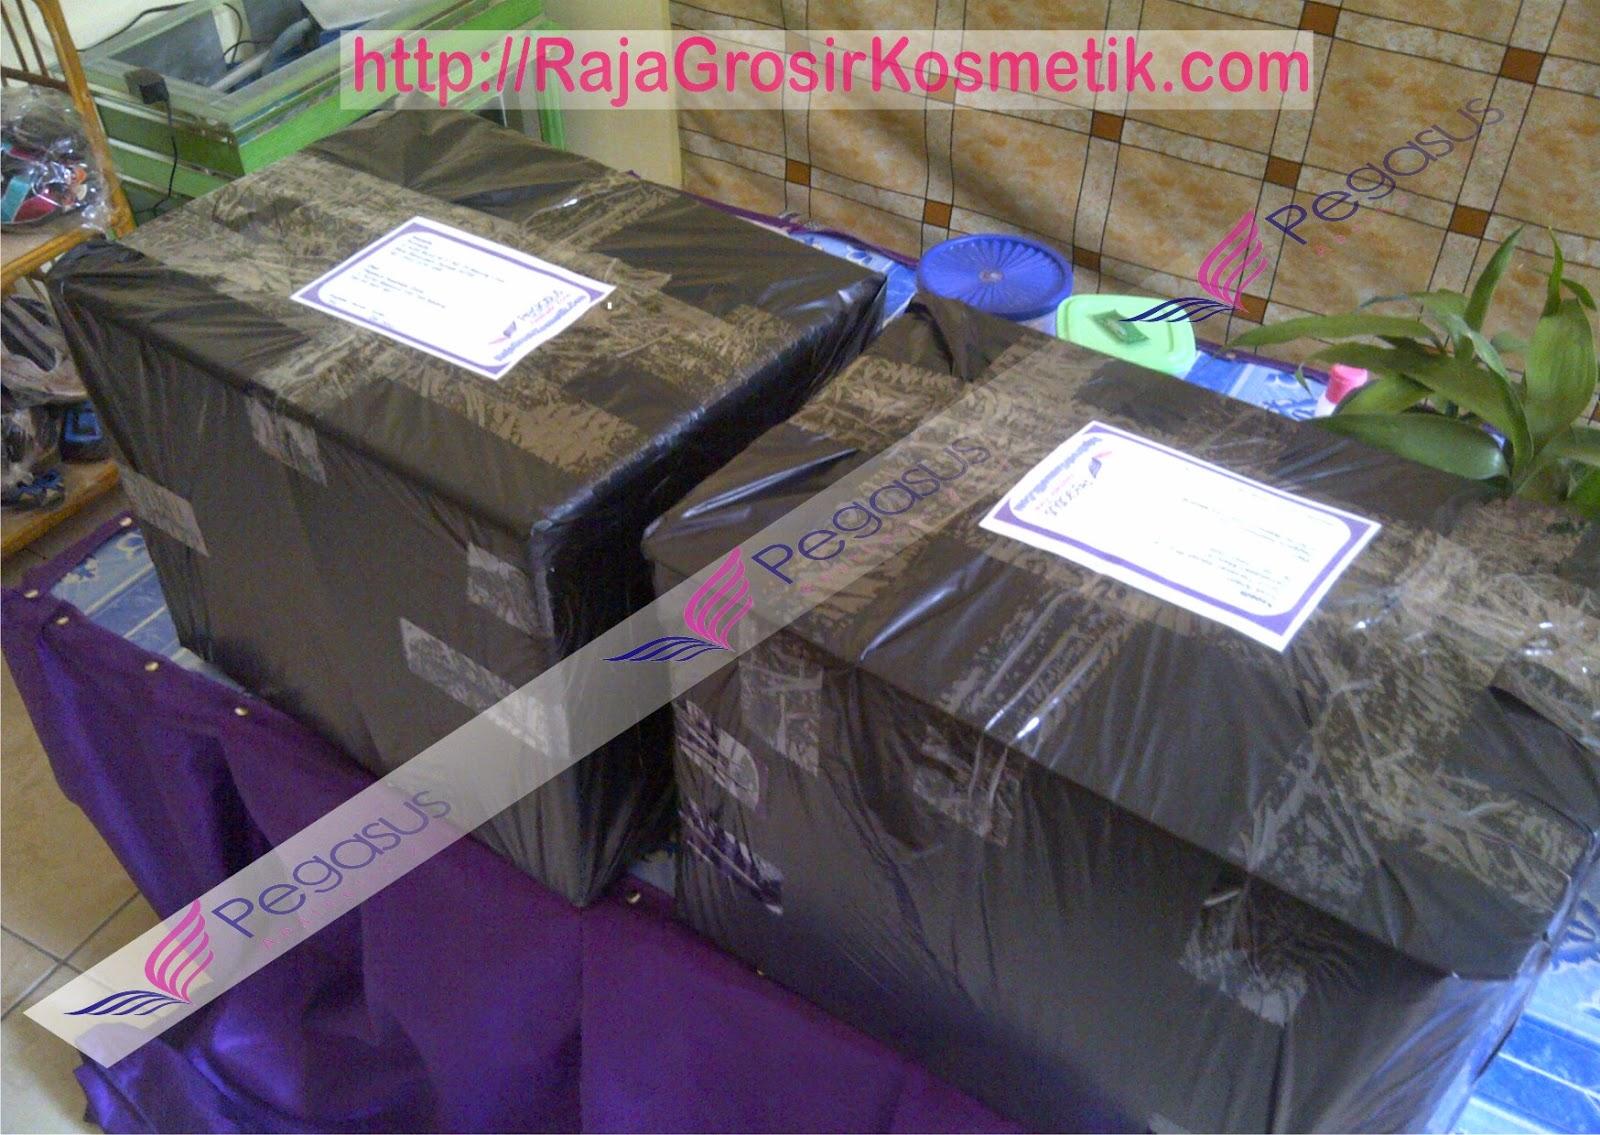 Grosir Sepatu Bordir Murah, Sepatu Online Original, Sepatu Online Bandung, +62.8564.993.7987